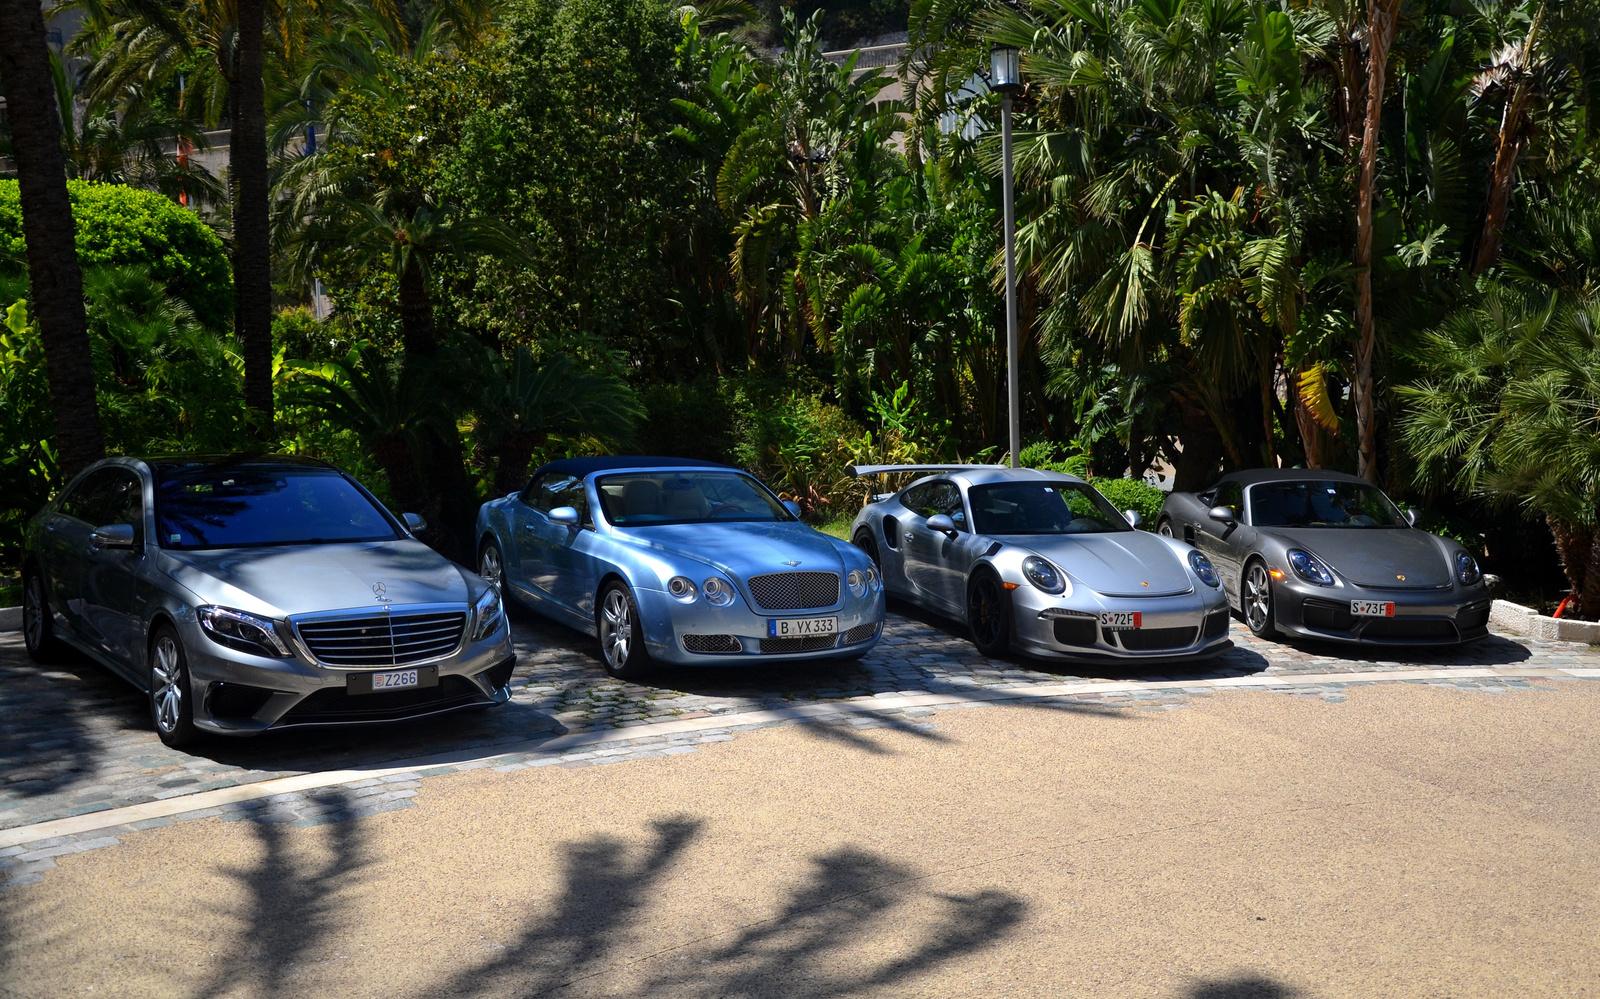 Átlagos nap Monacoban